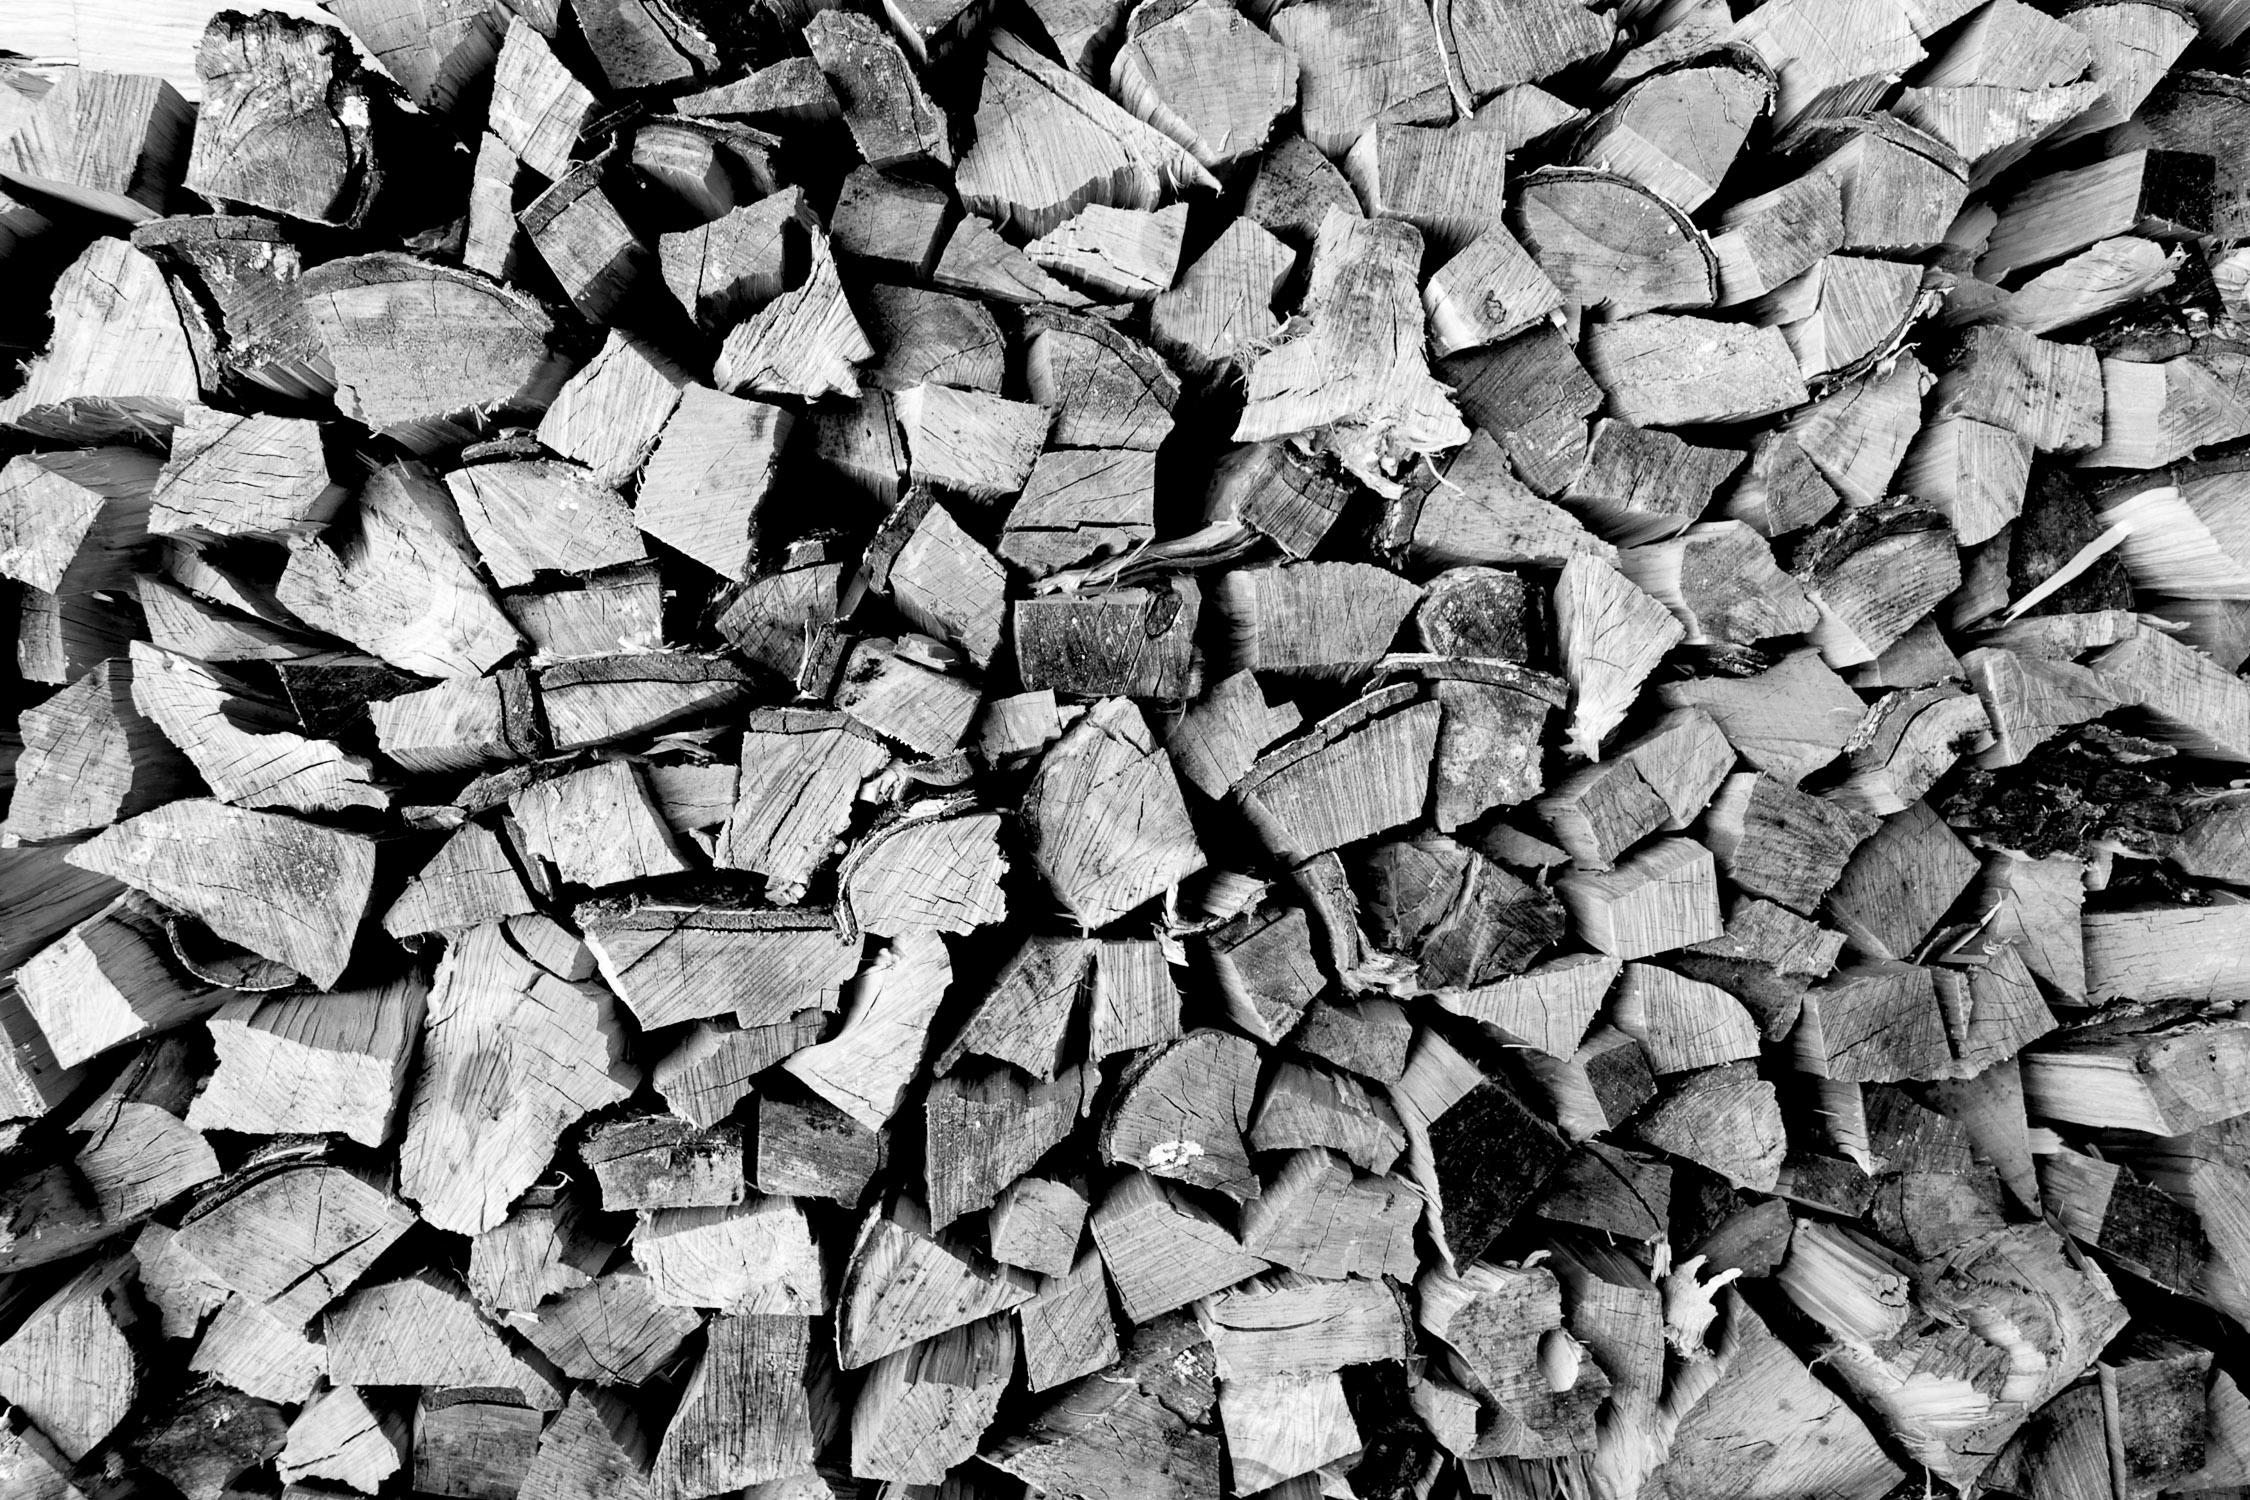 Schwarzweiss Bild von gestapeltem Holz